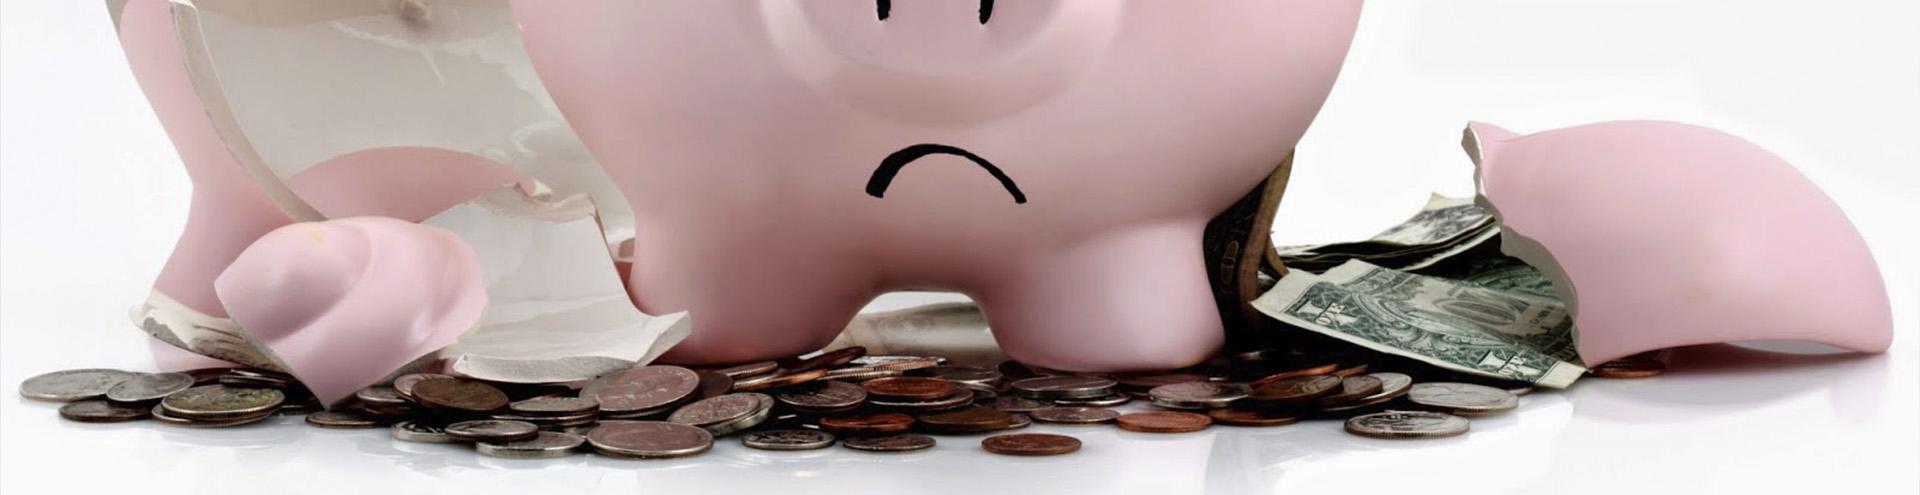 банкротство банка в Ярославле и Ярославской области